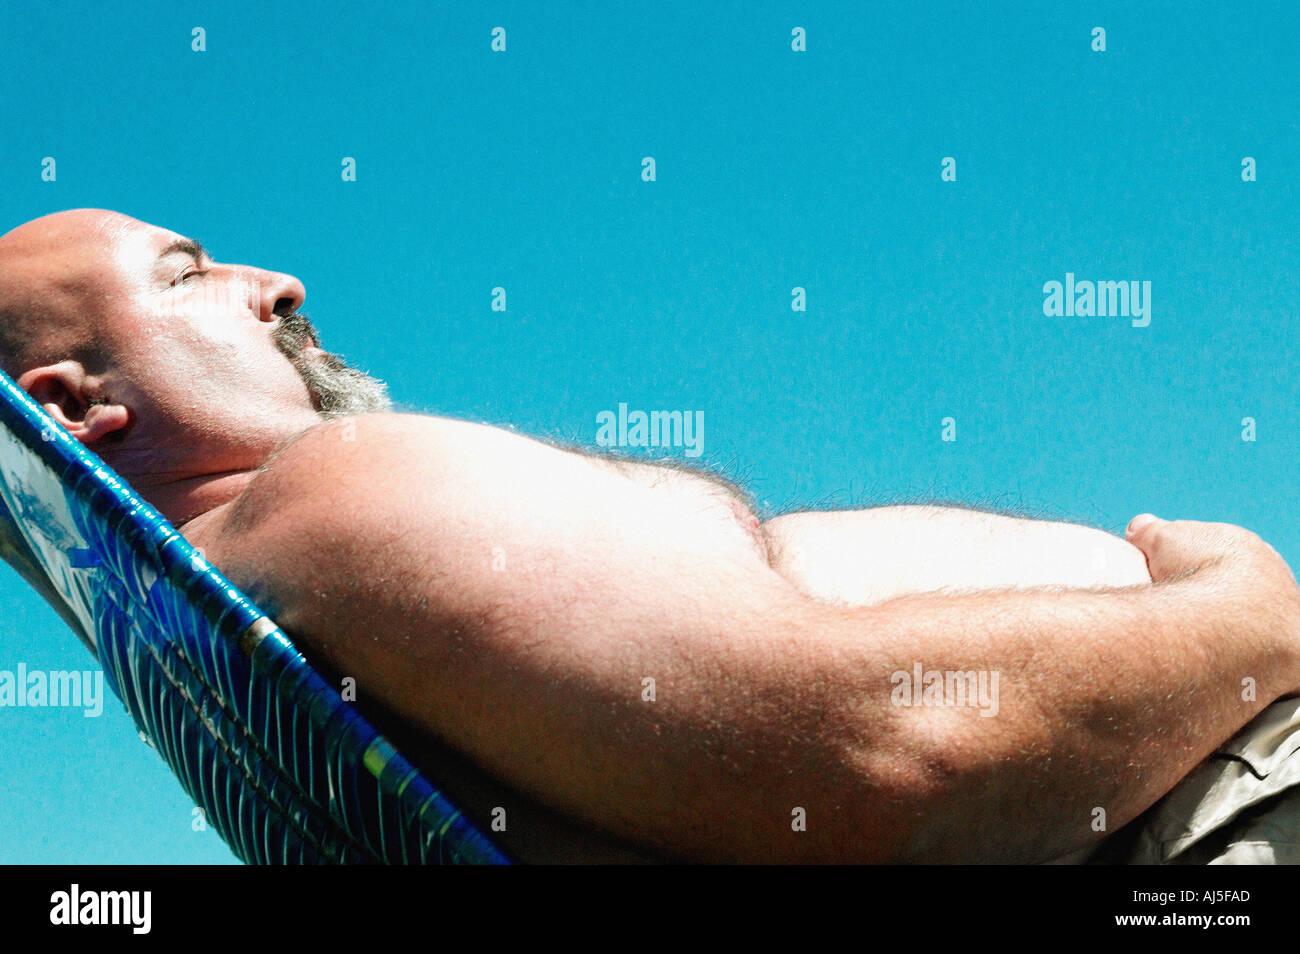 Balding Man Overweight Imágenes De Stock   Balding Man Overweight ... 690654f6a4572